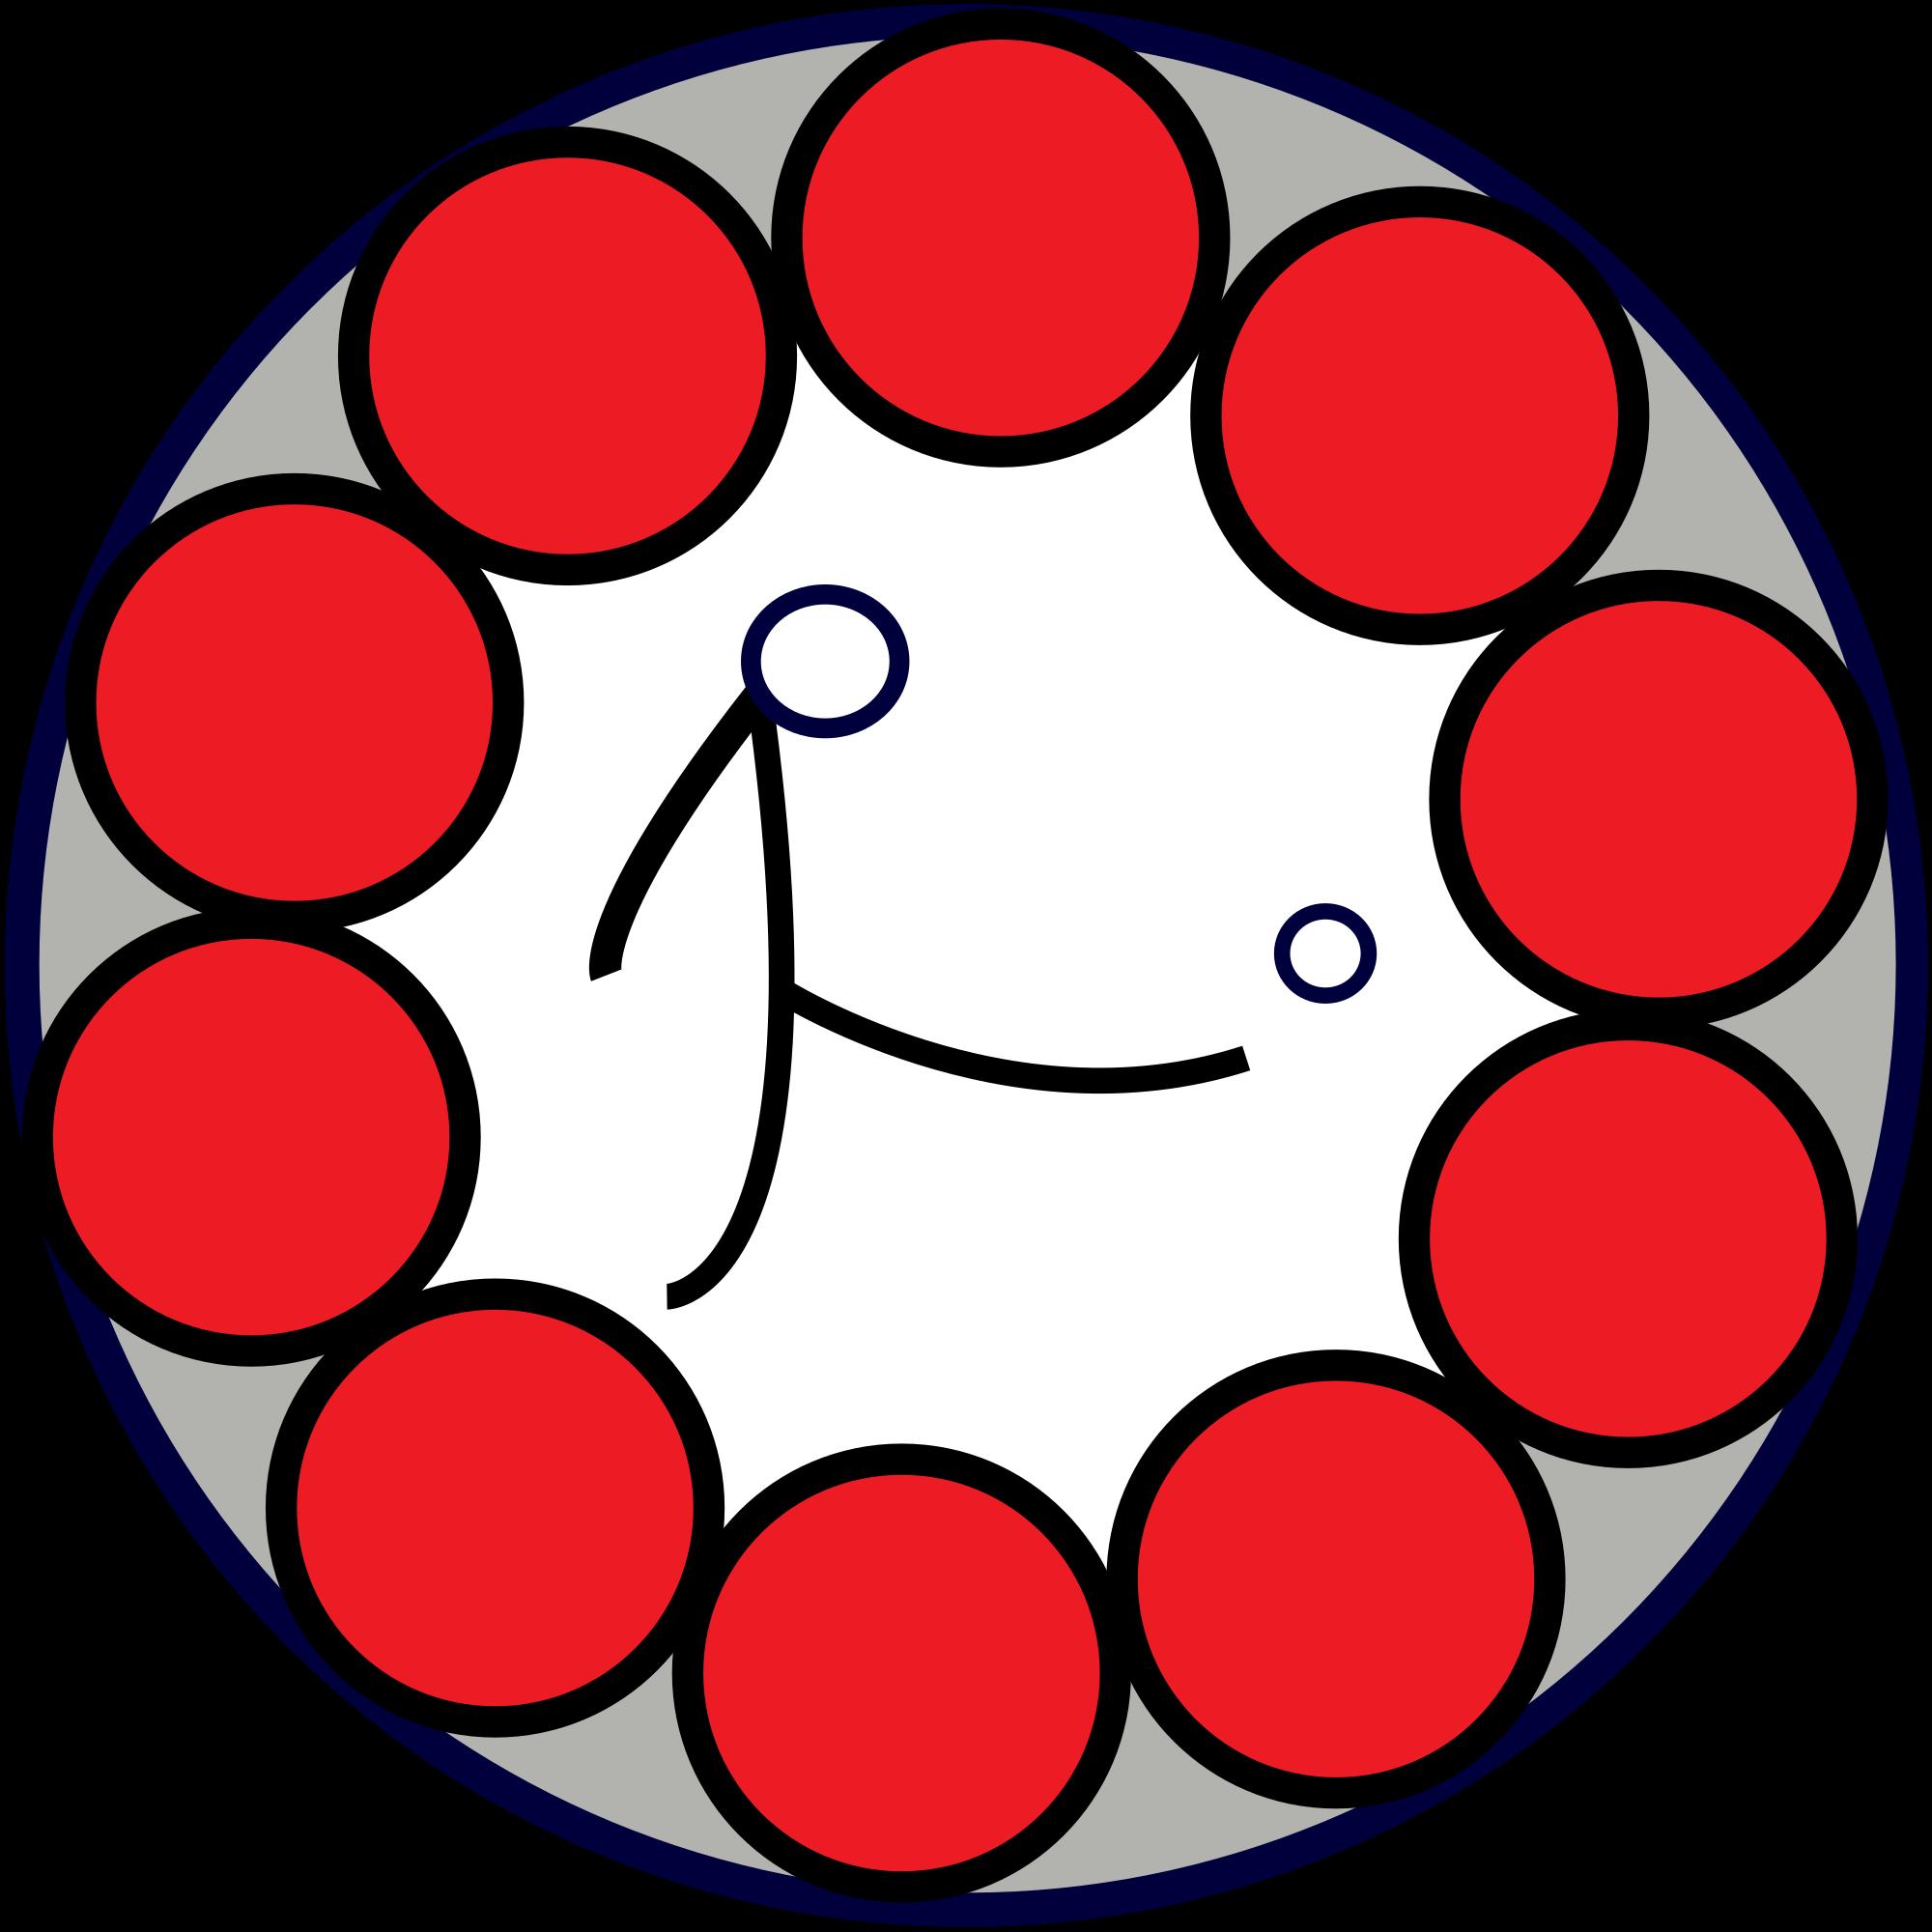 bundesliga_tippspiel/static/logo.png